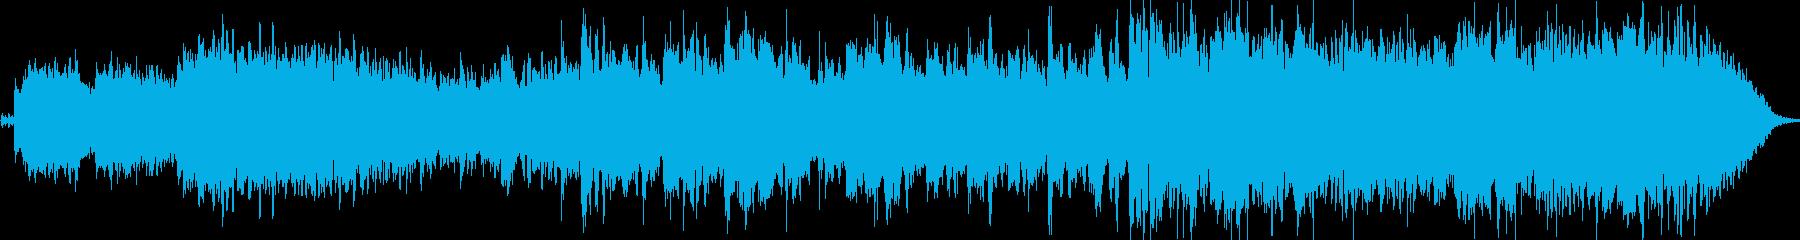 55秒のアイリッシュで情熱的なダンス曲の再生済みの波形